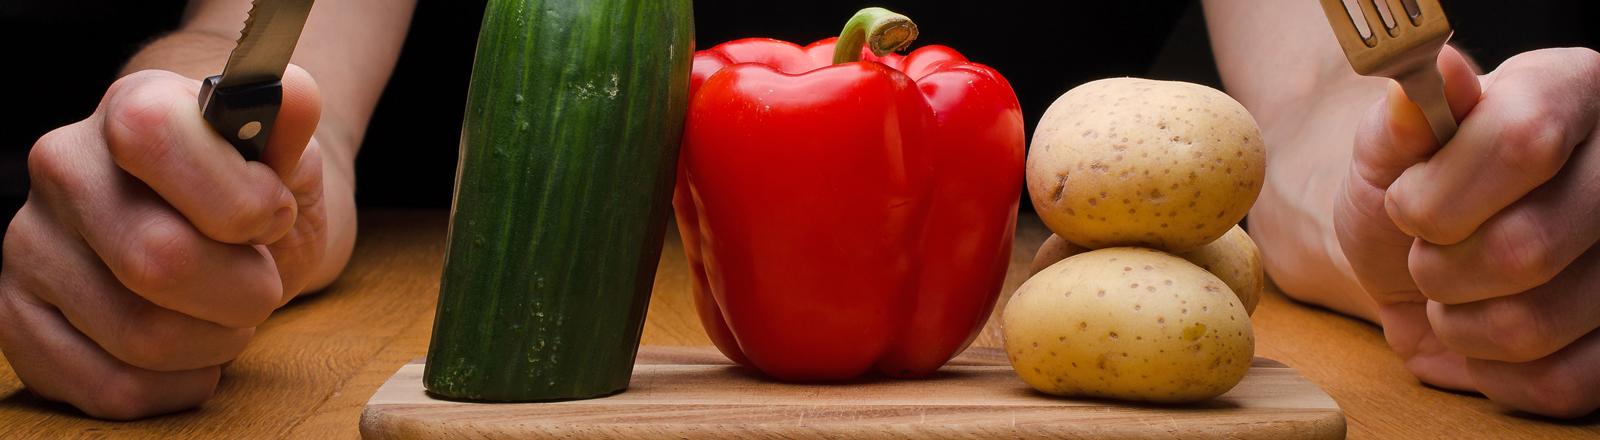 Ein Mann sitzt mit Messer und Gabel hinter einem Brett mit Gemüse.